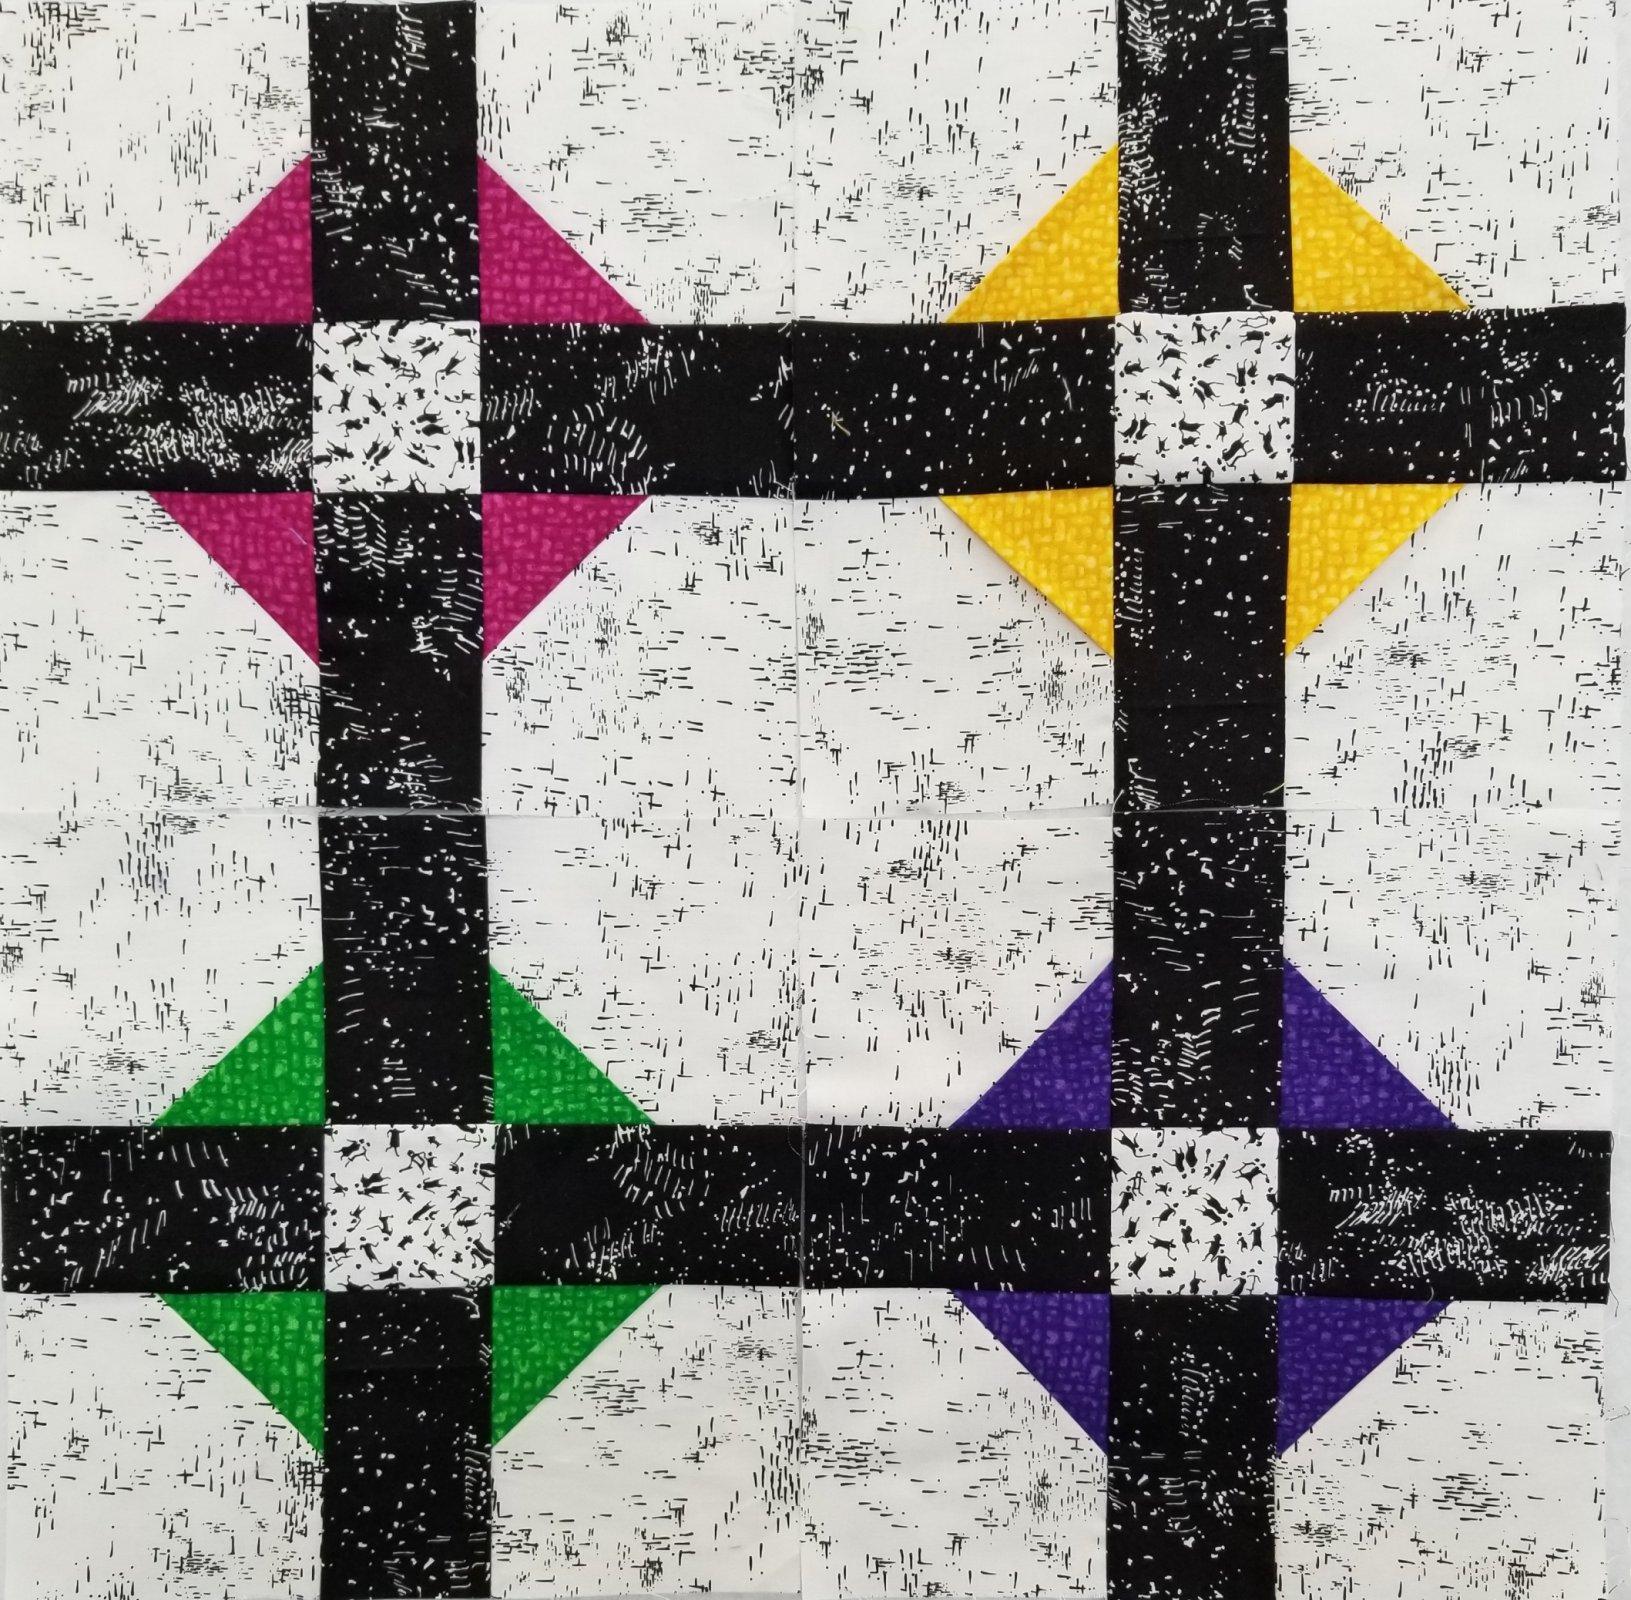 2021 Quilter's Trek Row - POP of color